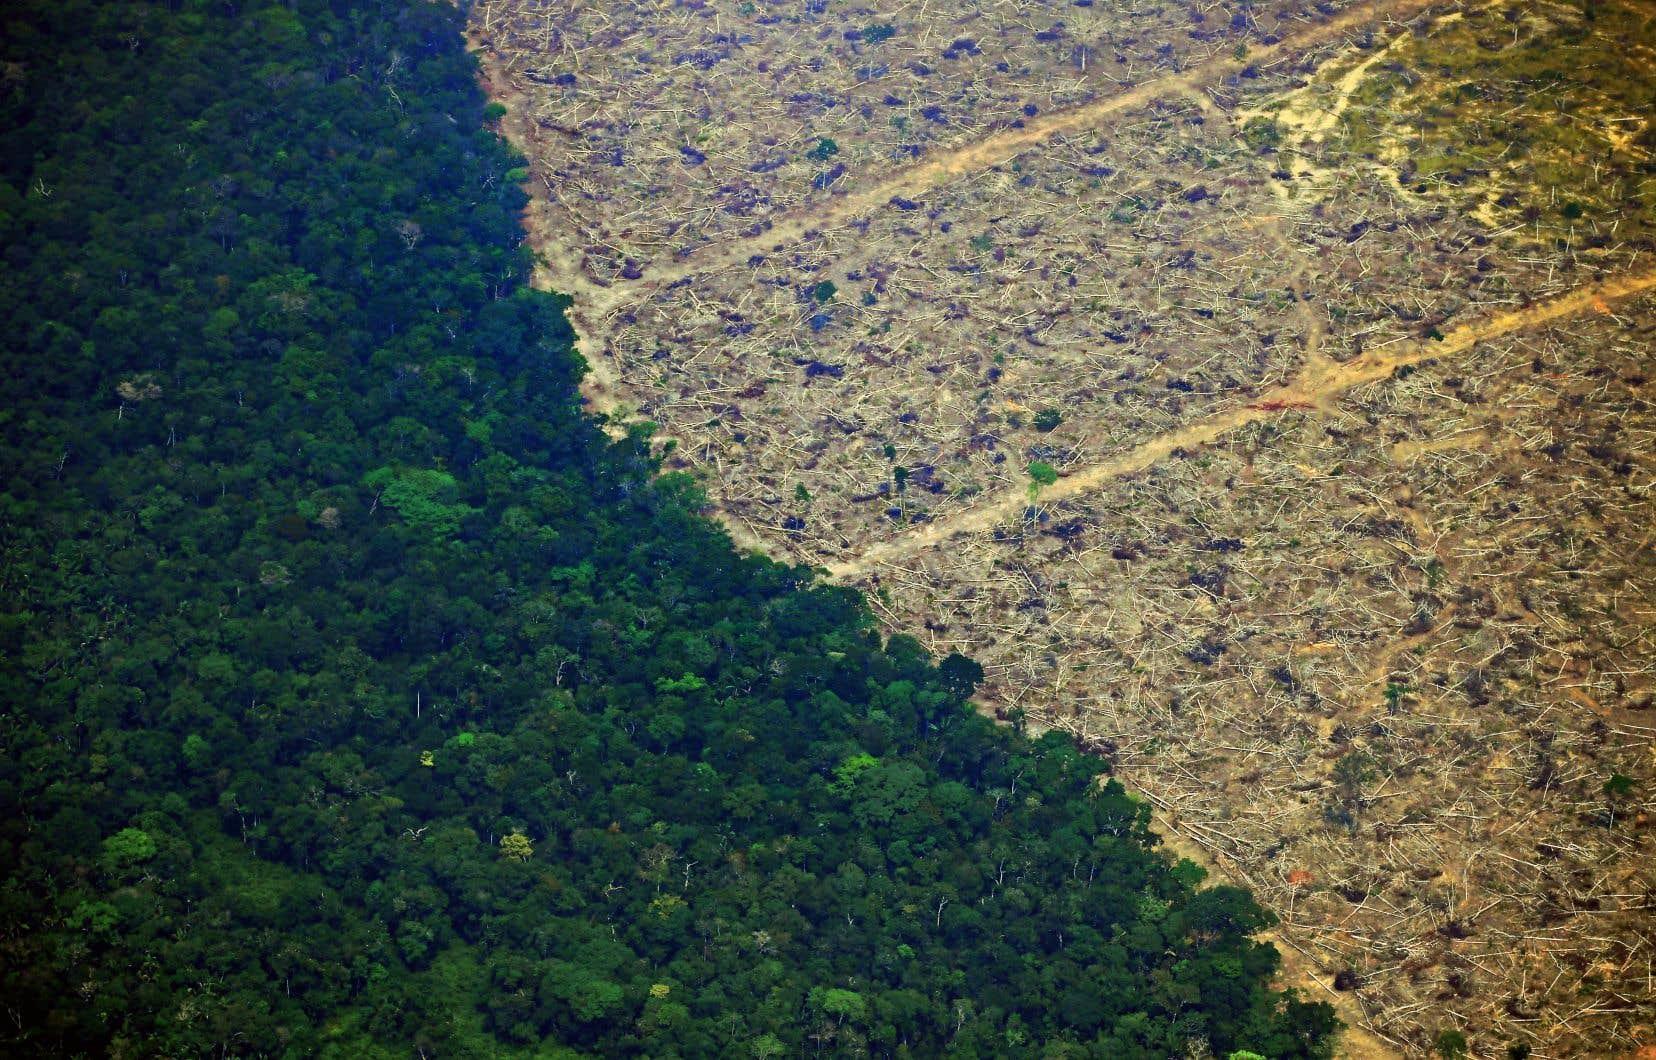 Selon des données publiées au début du mois d'août par l'INPE, la déforestation au Brésil a bondi de 67% sur un an au cours des sept premiers mois de l'année.